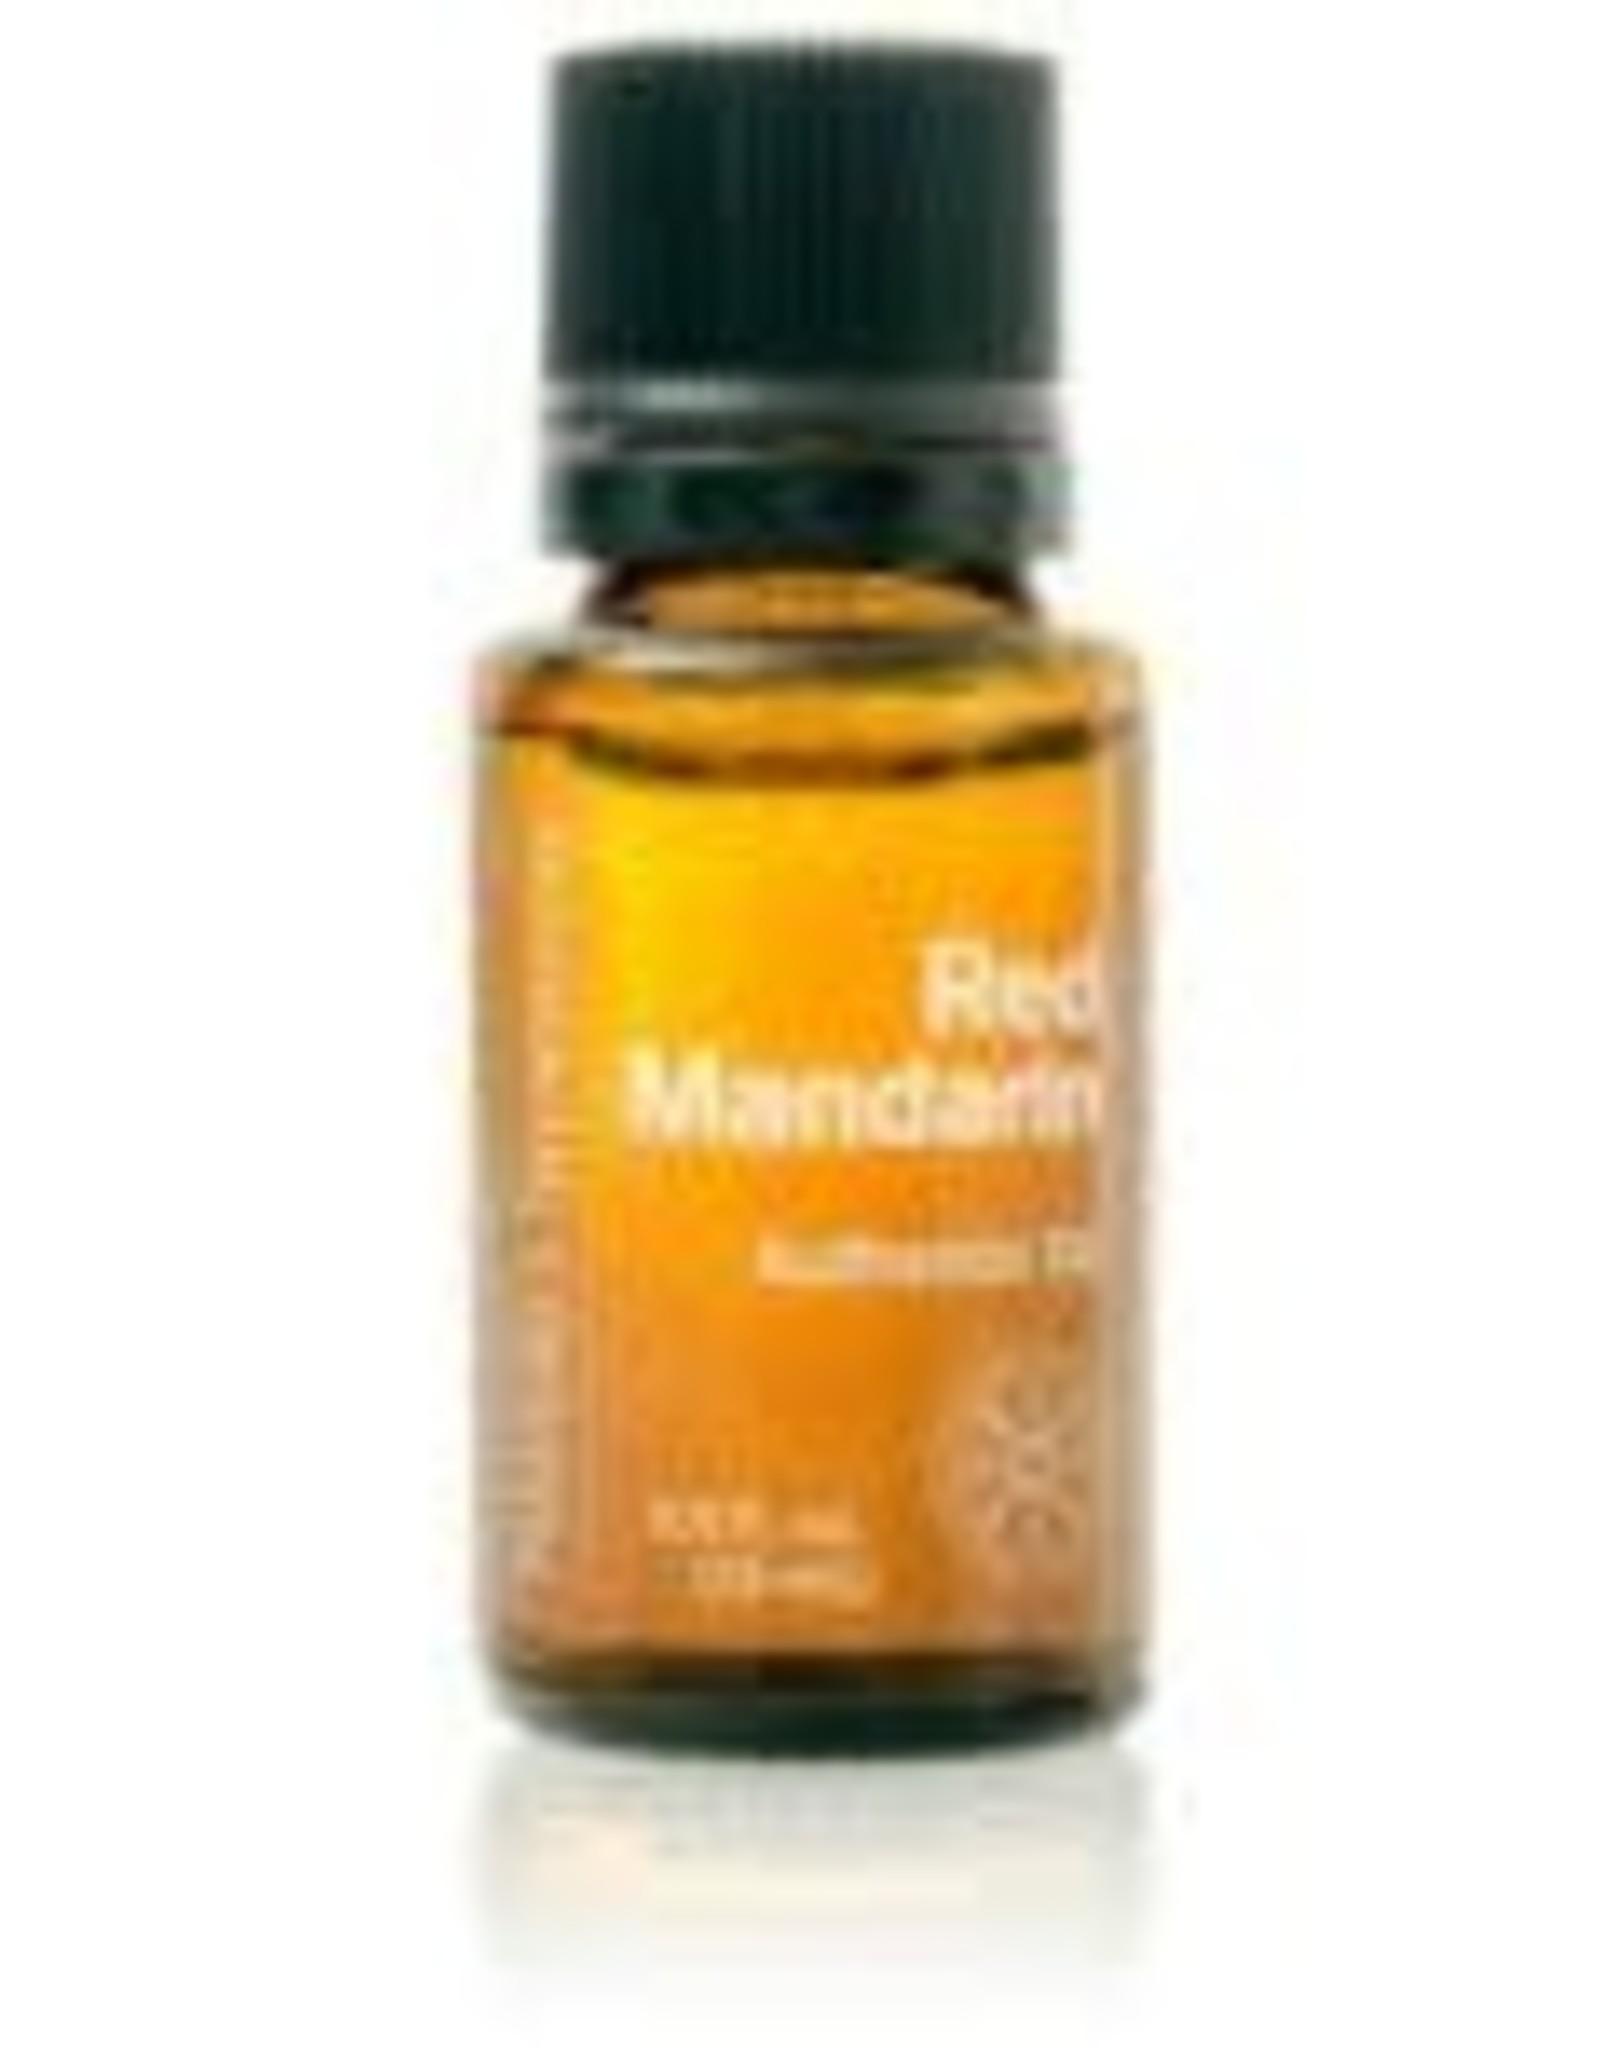 Red Mandarin Oil